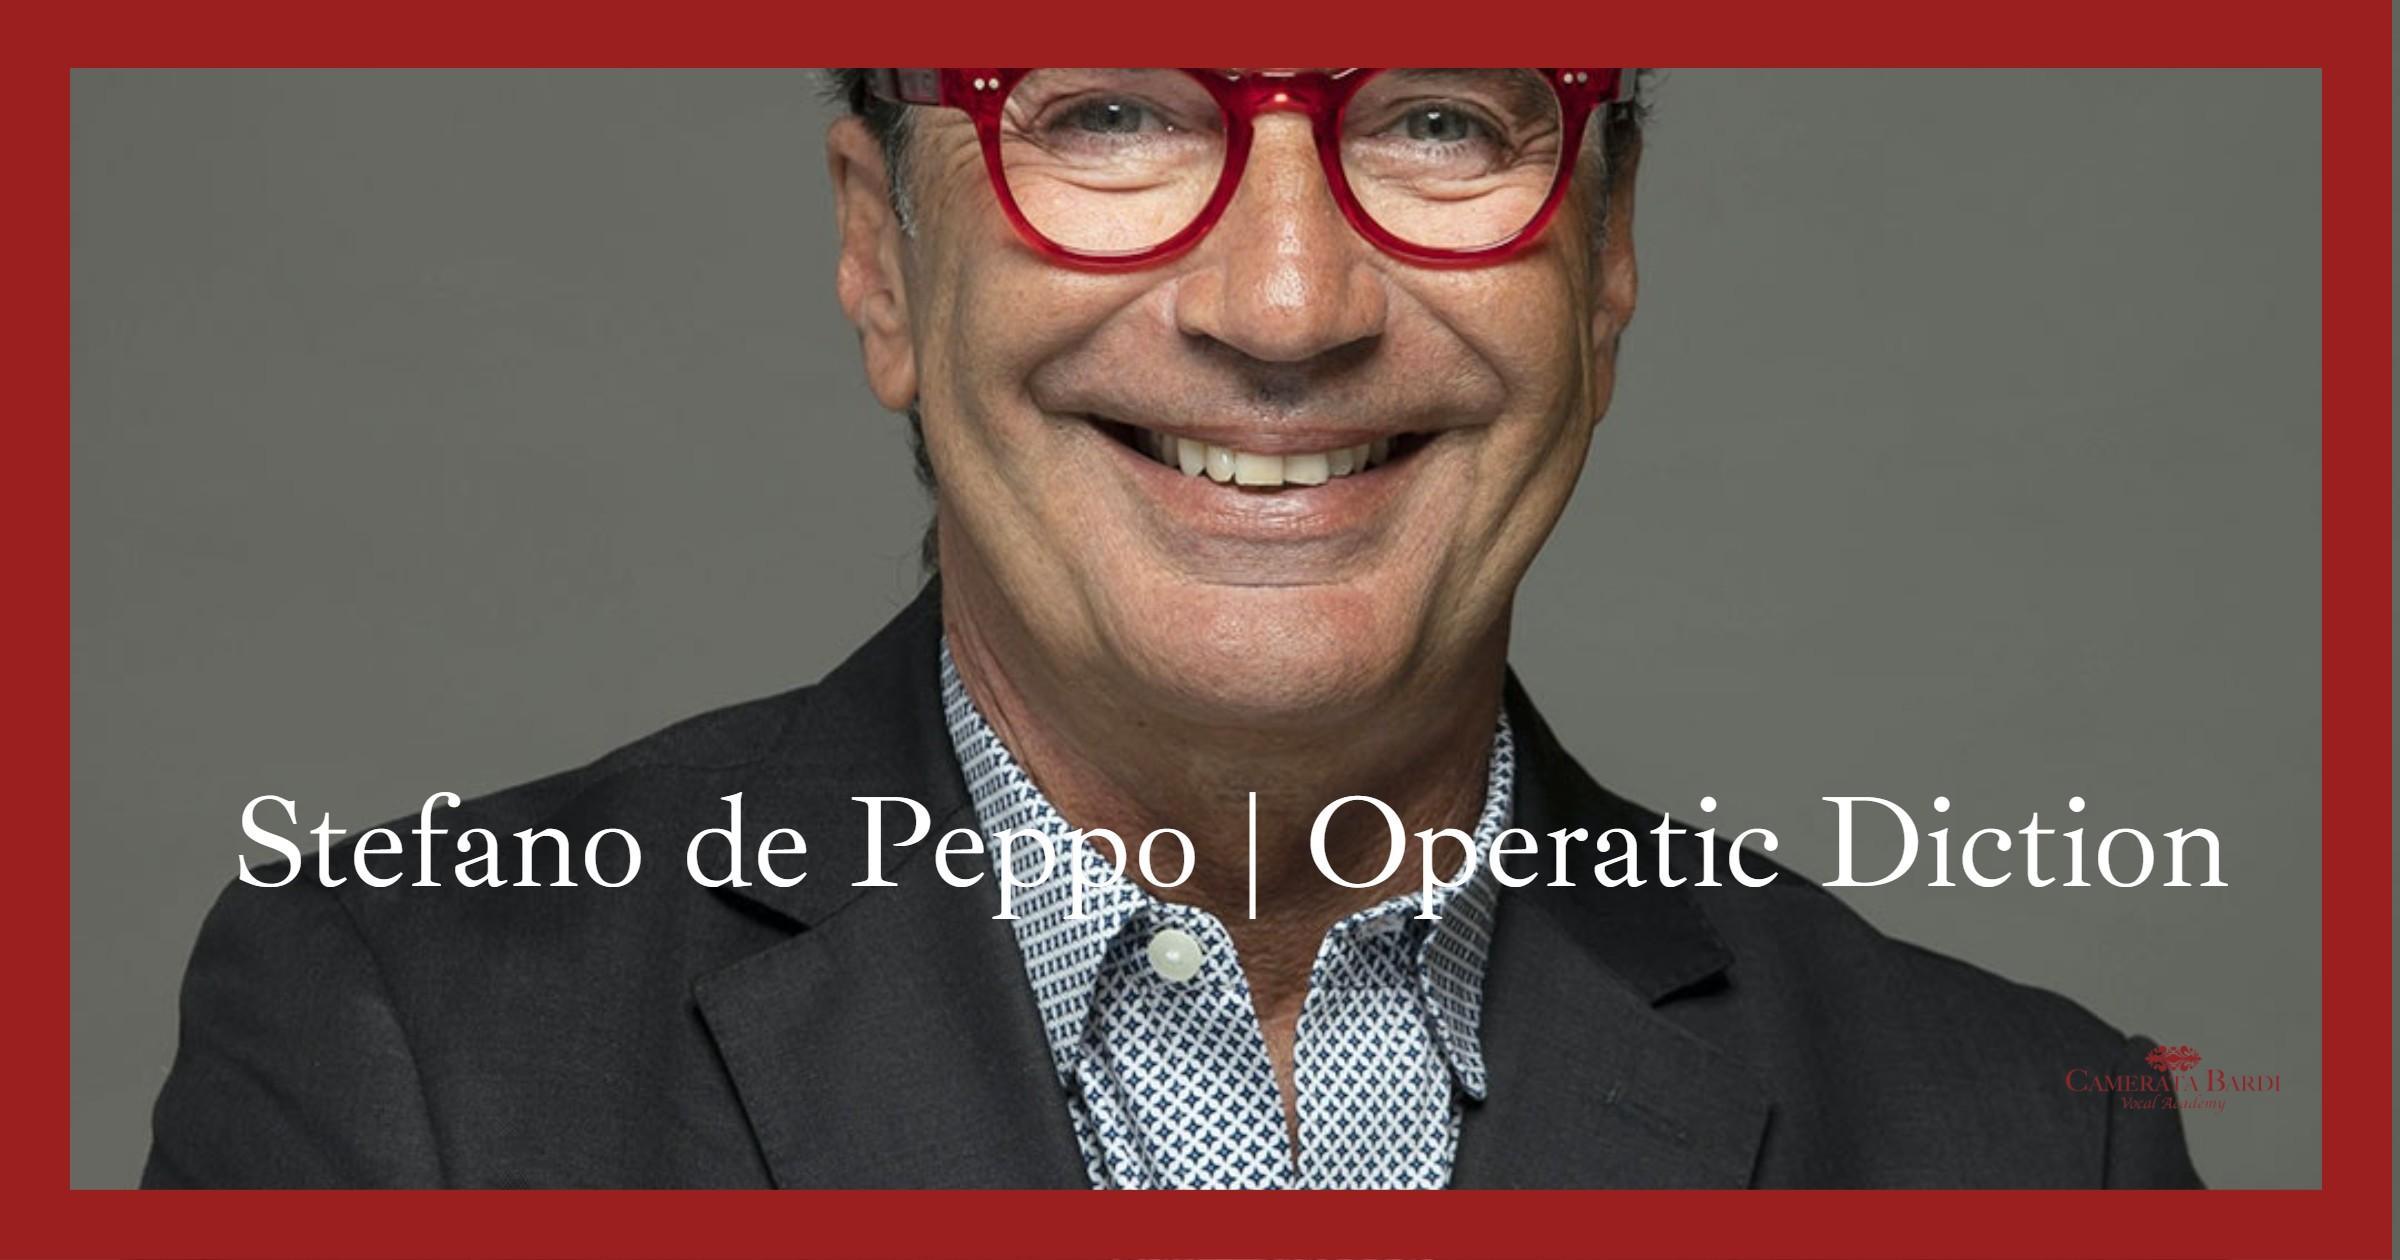 Stefano-de-Peppo-Bass-Baritone